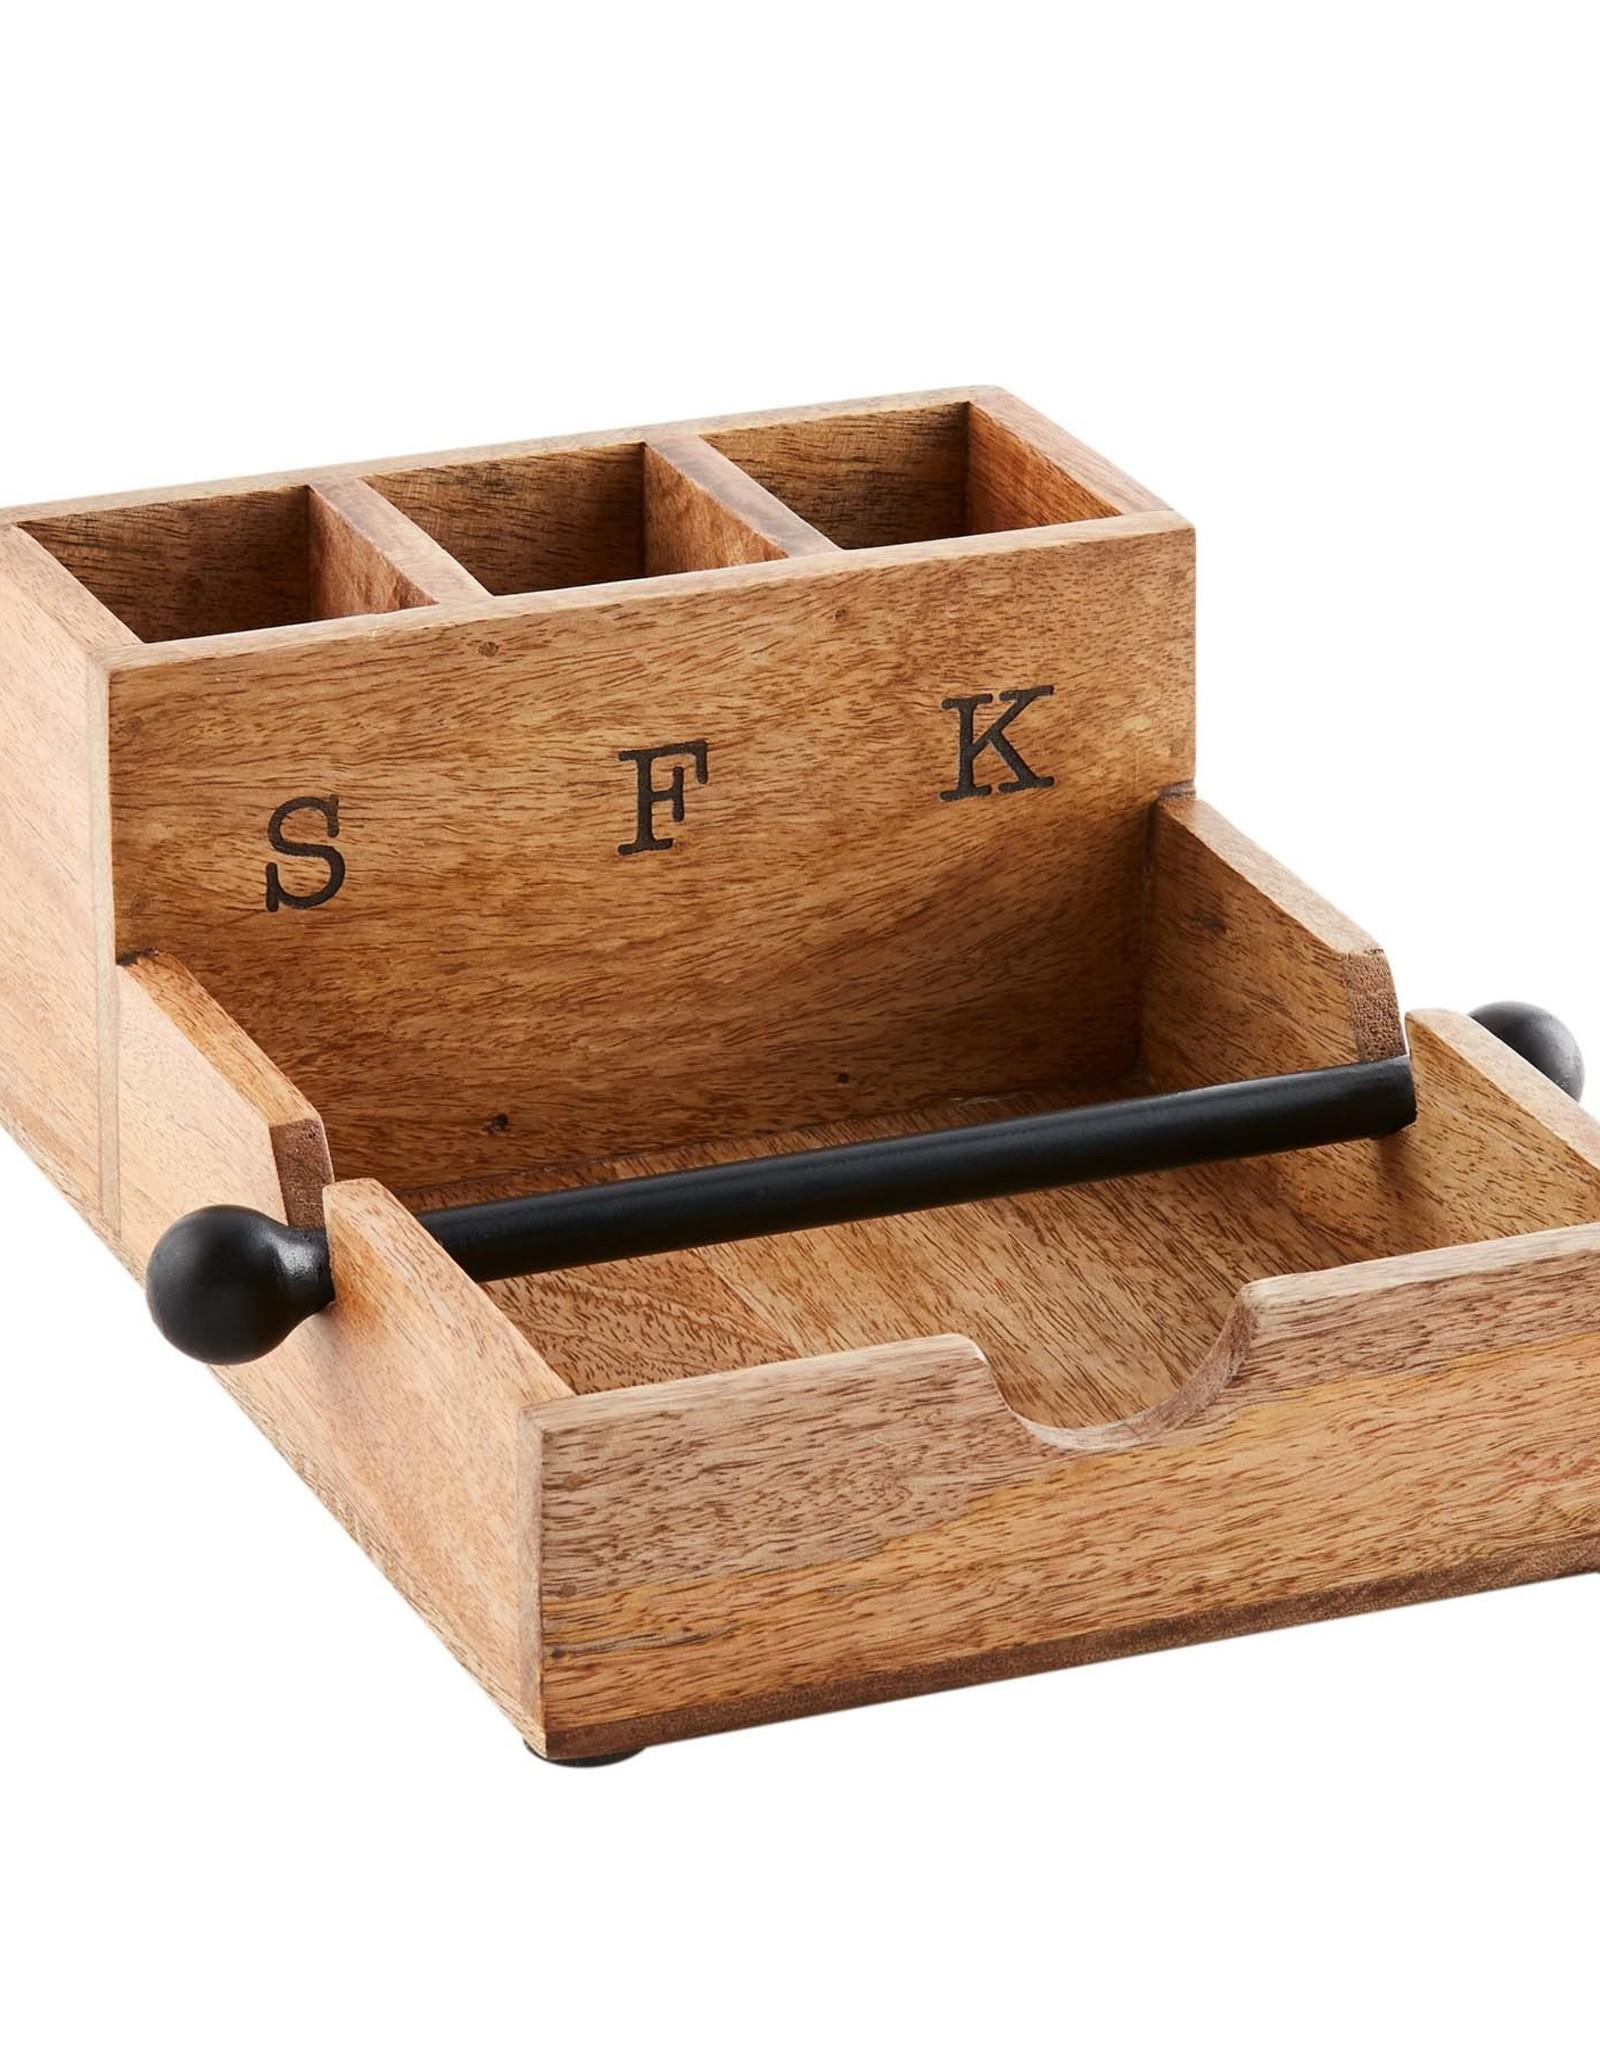 Wood Napkin & Utensil Holder